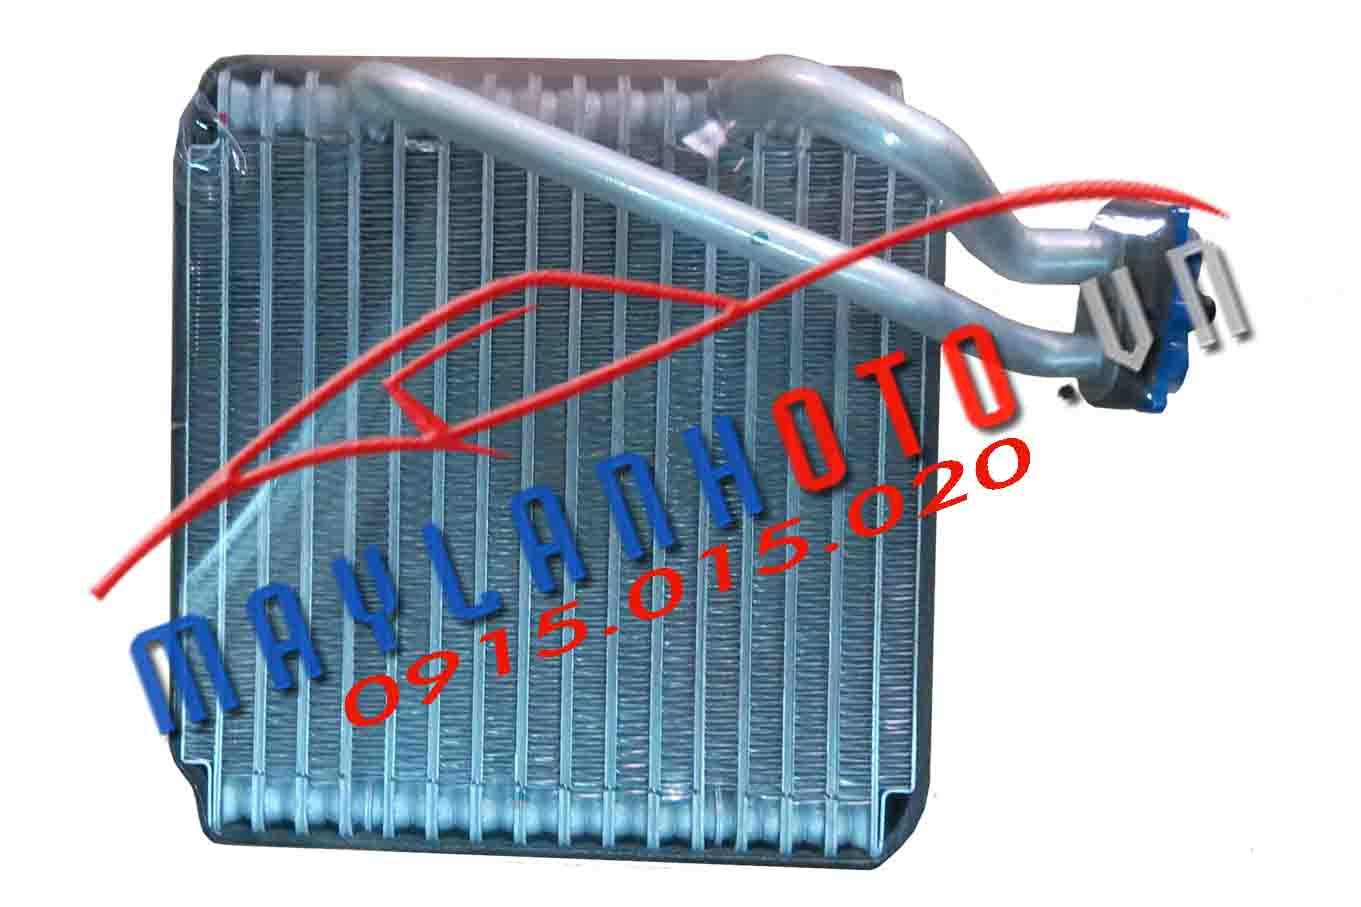 Isuzu Dmax 05 / Dàn lạnh Isuzu Dmax 2005 / Giàn lạnh Isuzu Dmax 2005